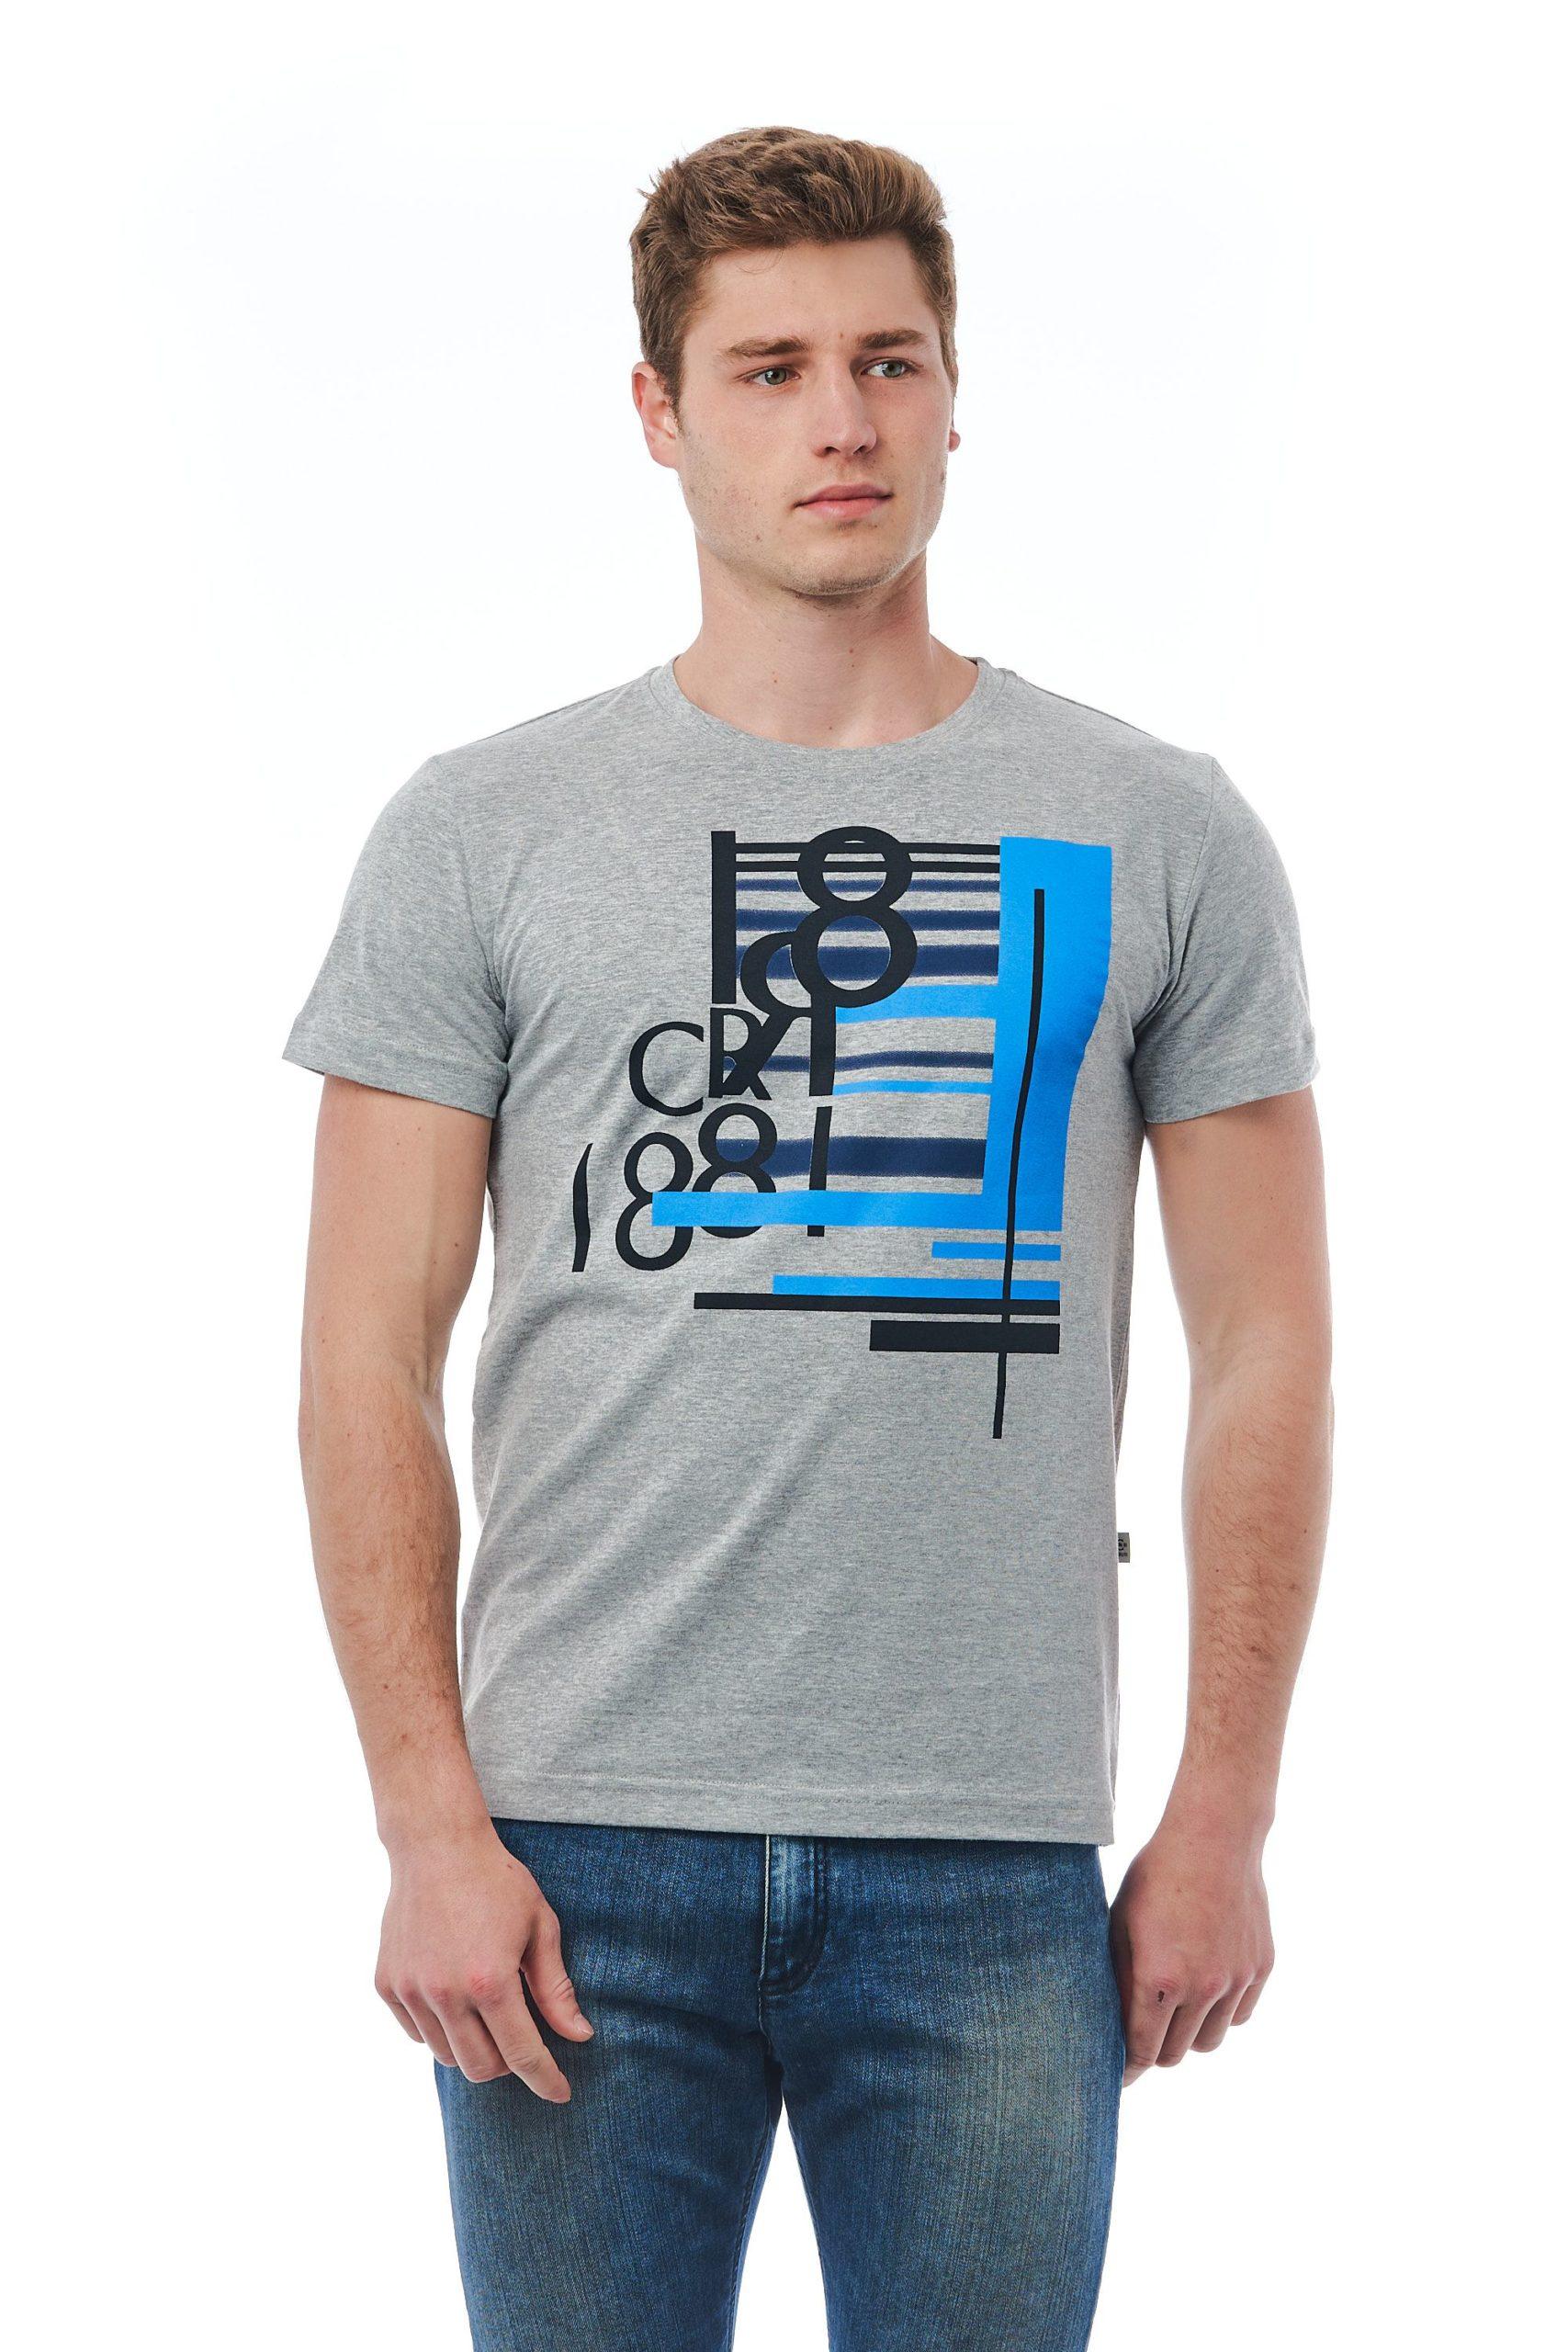 Cerruti 1881 Men's Grigio T-Shirt Grey CE1410118 - M